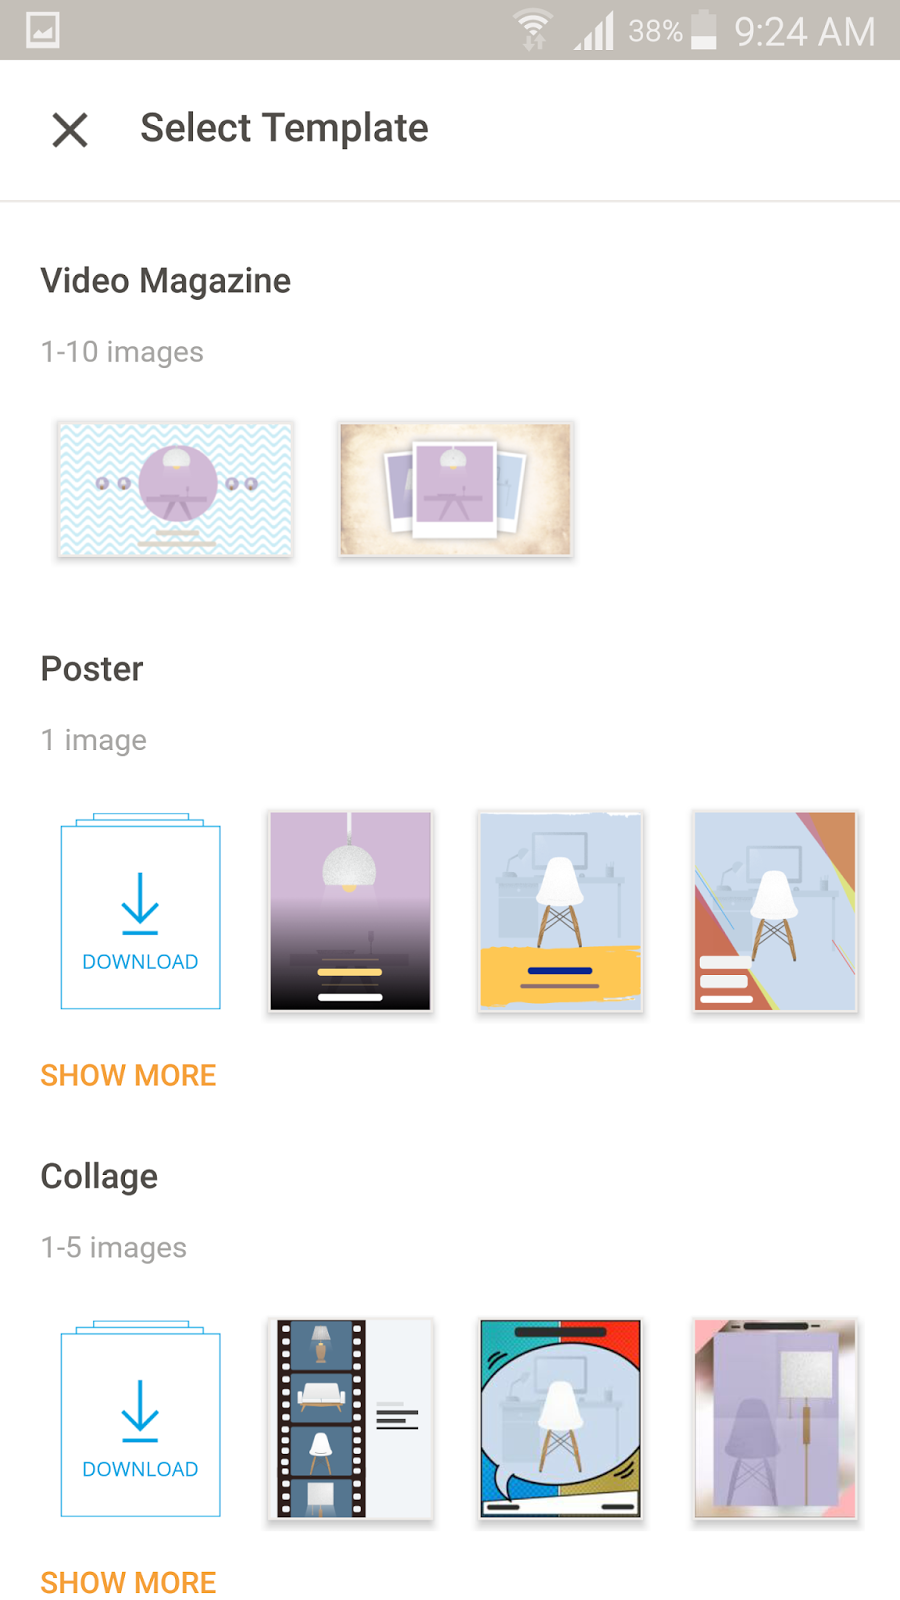 حمل برنامج Sprightly سيغنيك عن الفوتوشوب لتصميم بوسترات وقوائم اسعار ... | بحرية درويد